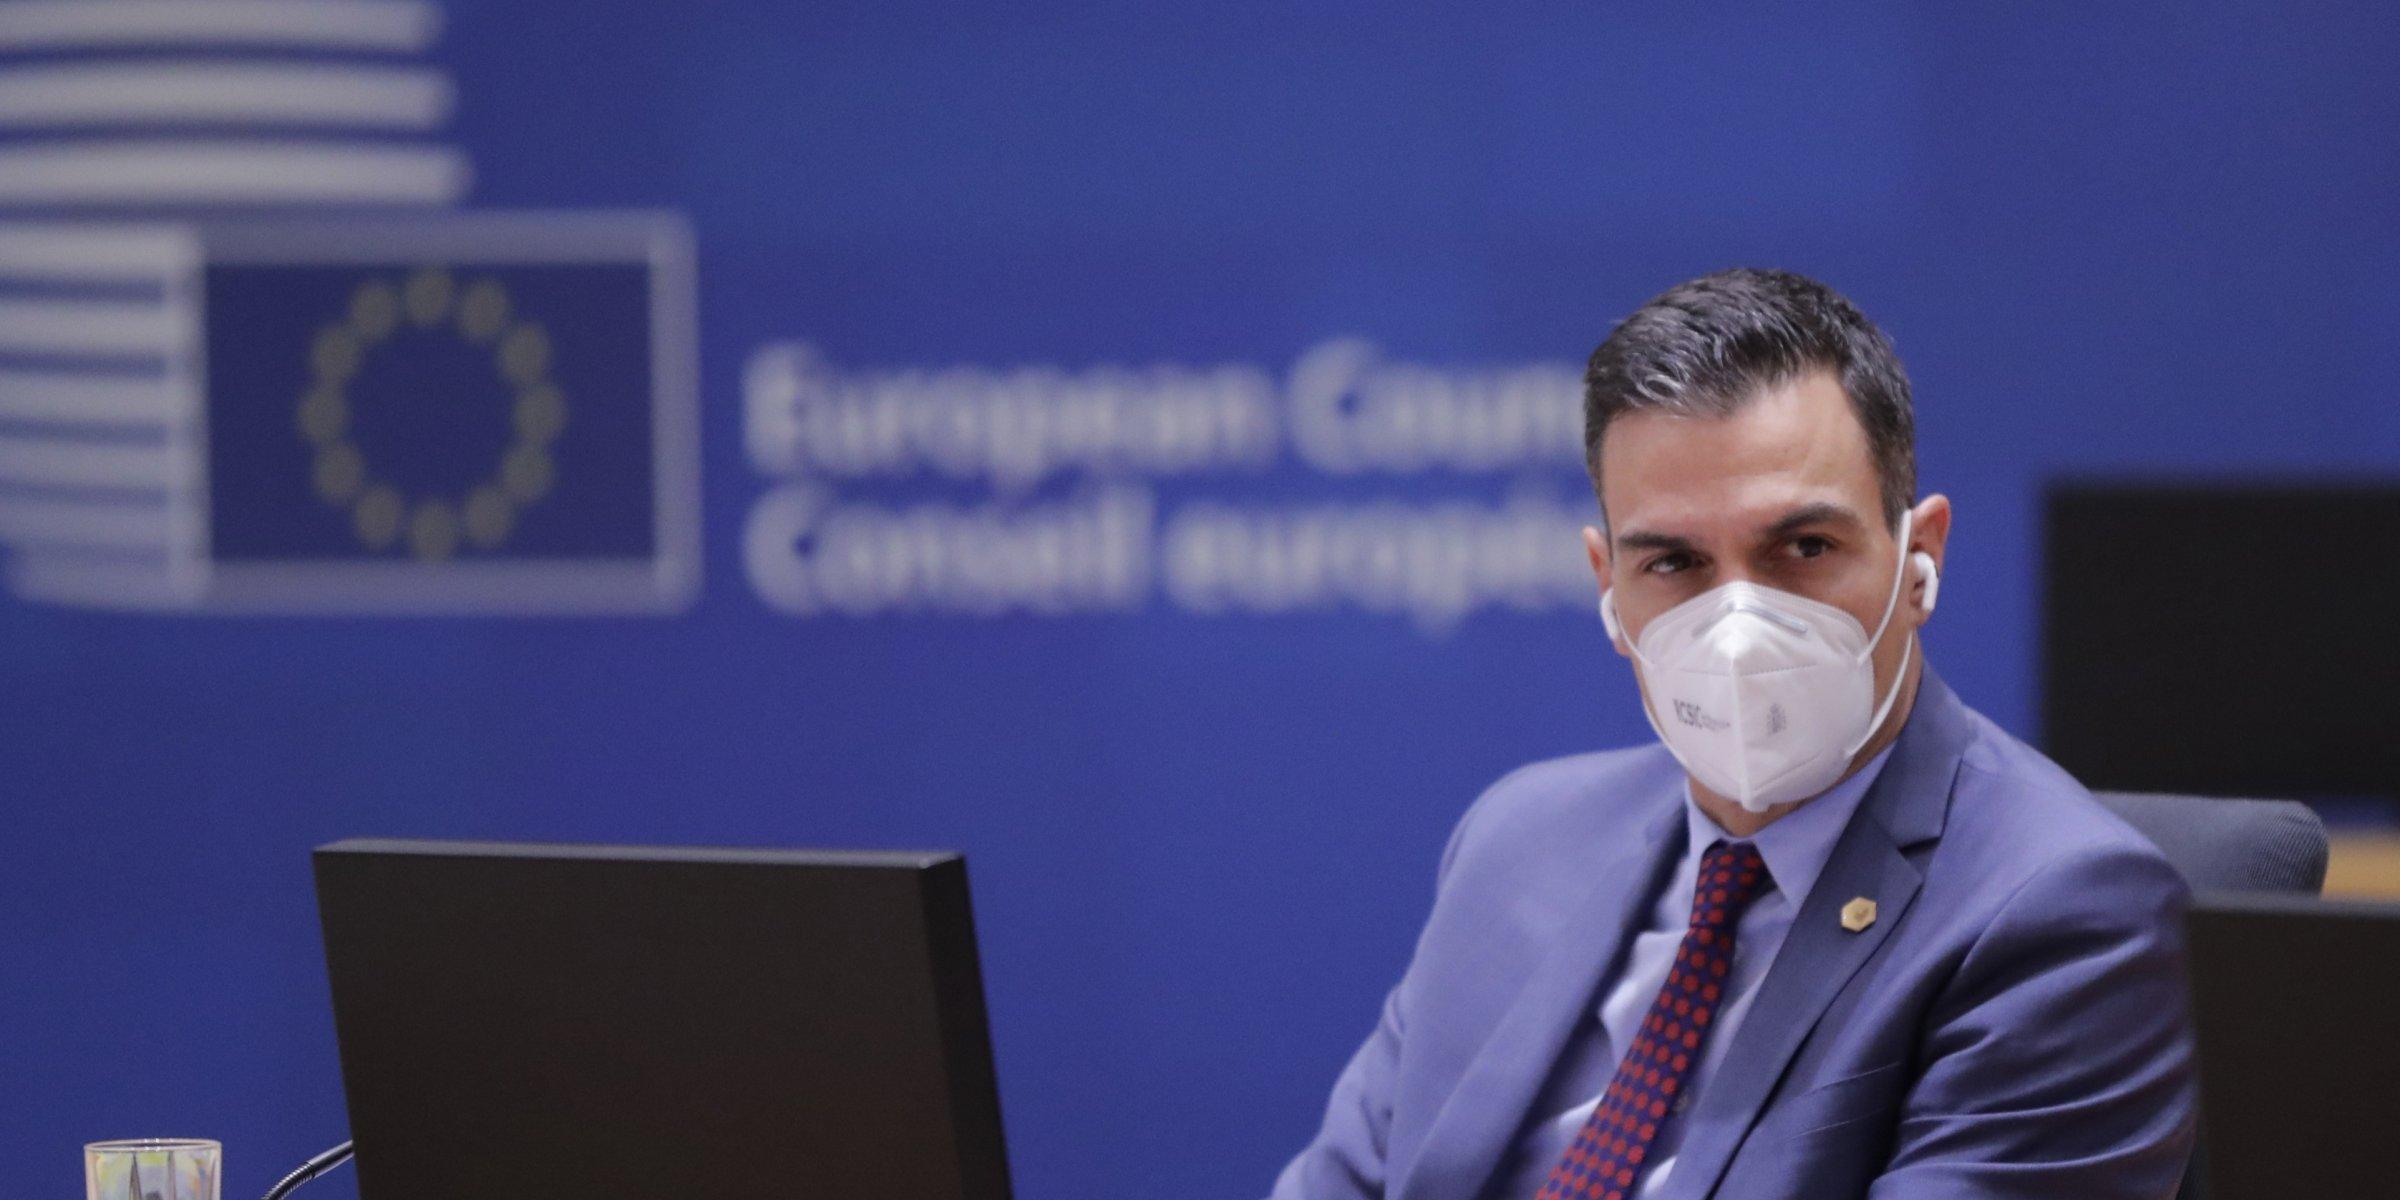 Η Ισπανία θέλει να ενισχύσει τους δεσμούς με την Τουρκία, λέει ο πρωθυπουργός Sanchez